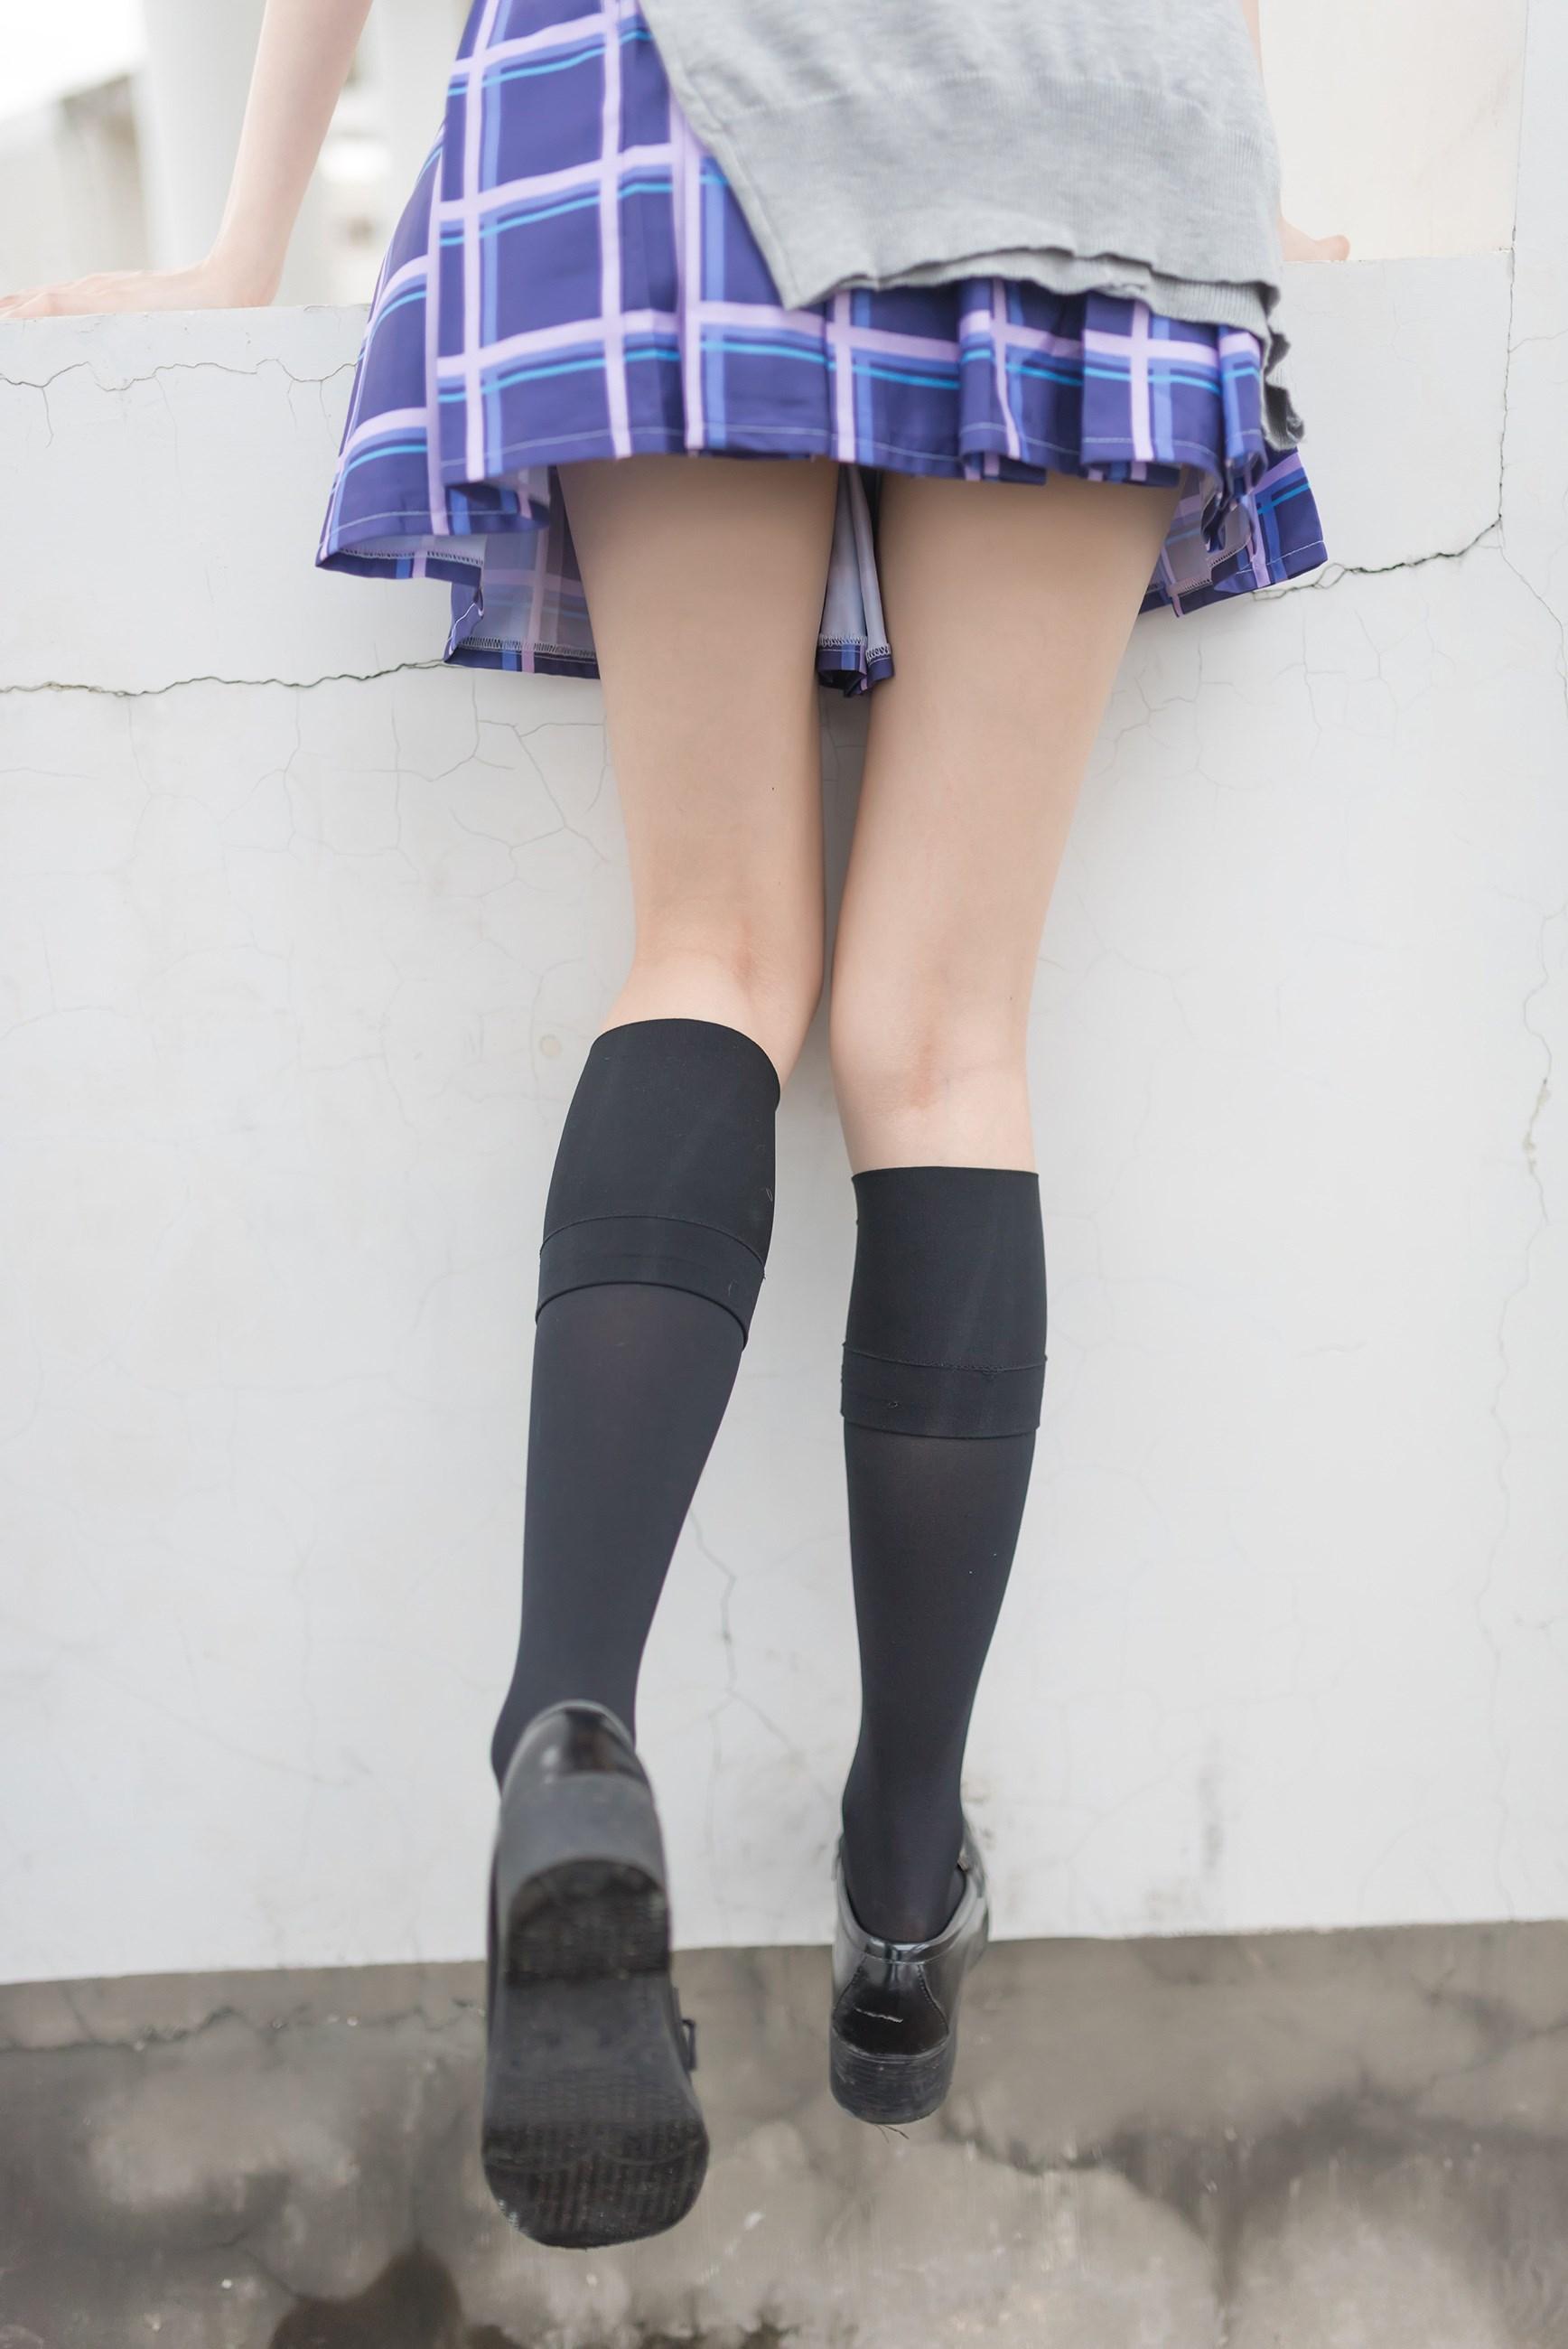 【兔玩映画】天台的蓝裙少女 兔玩映画 第31张